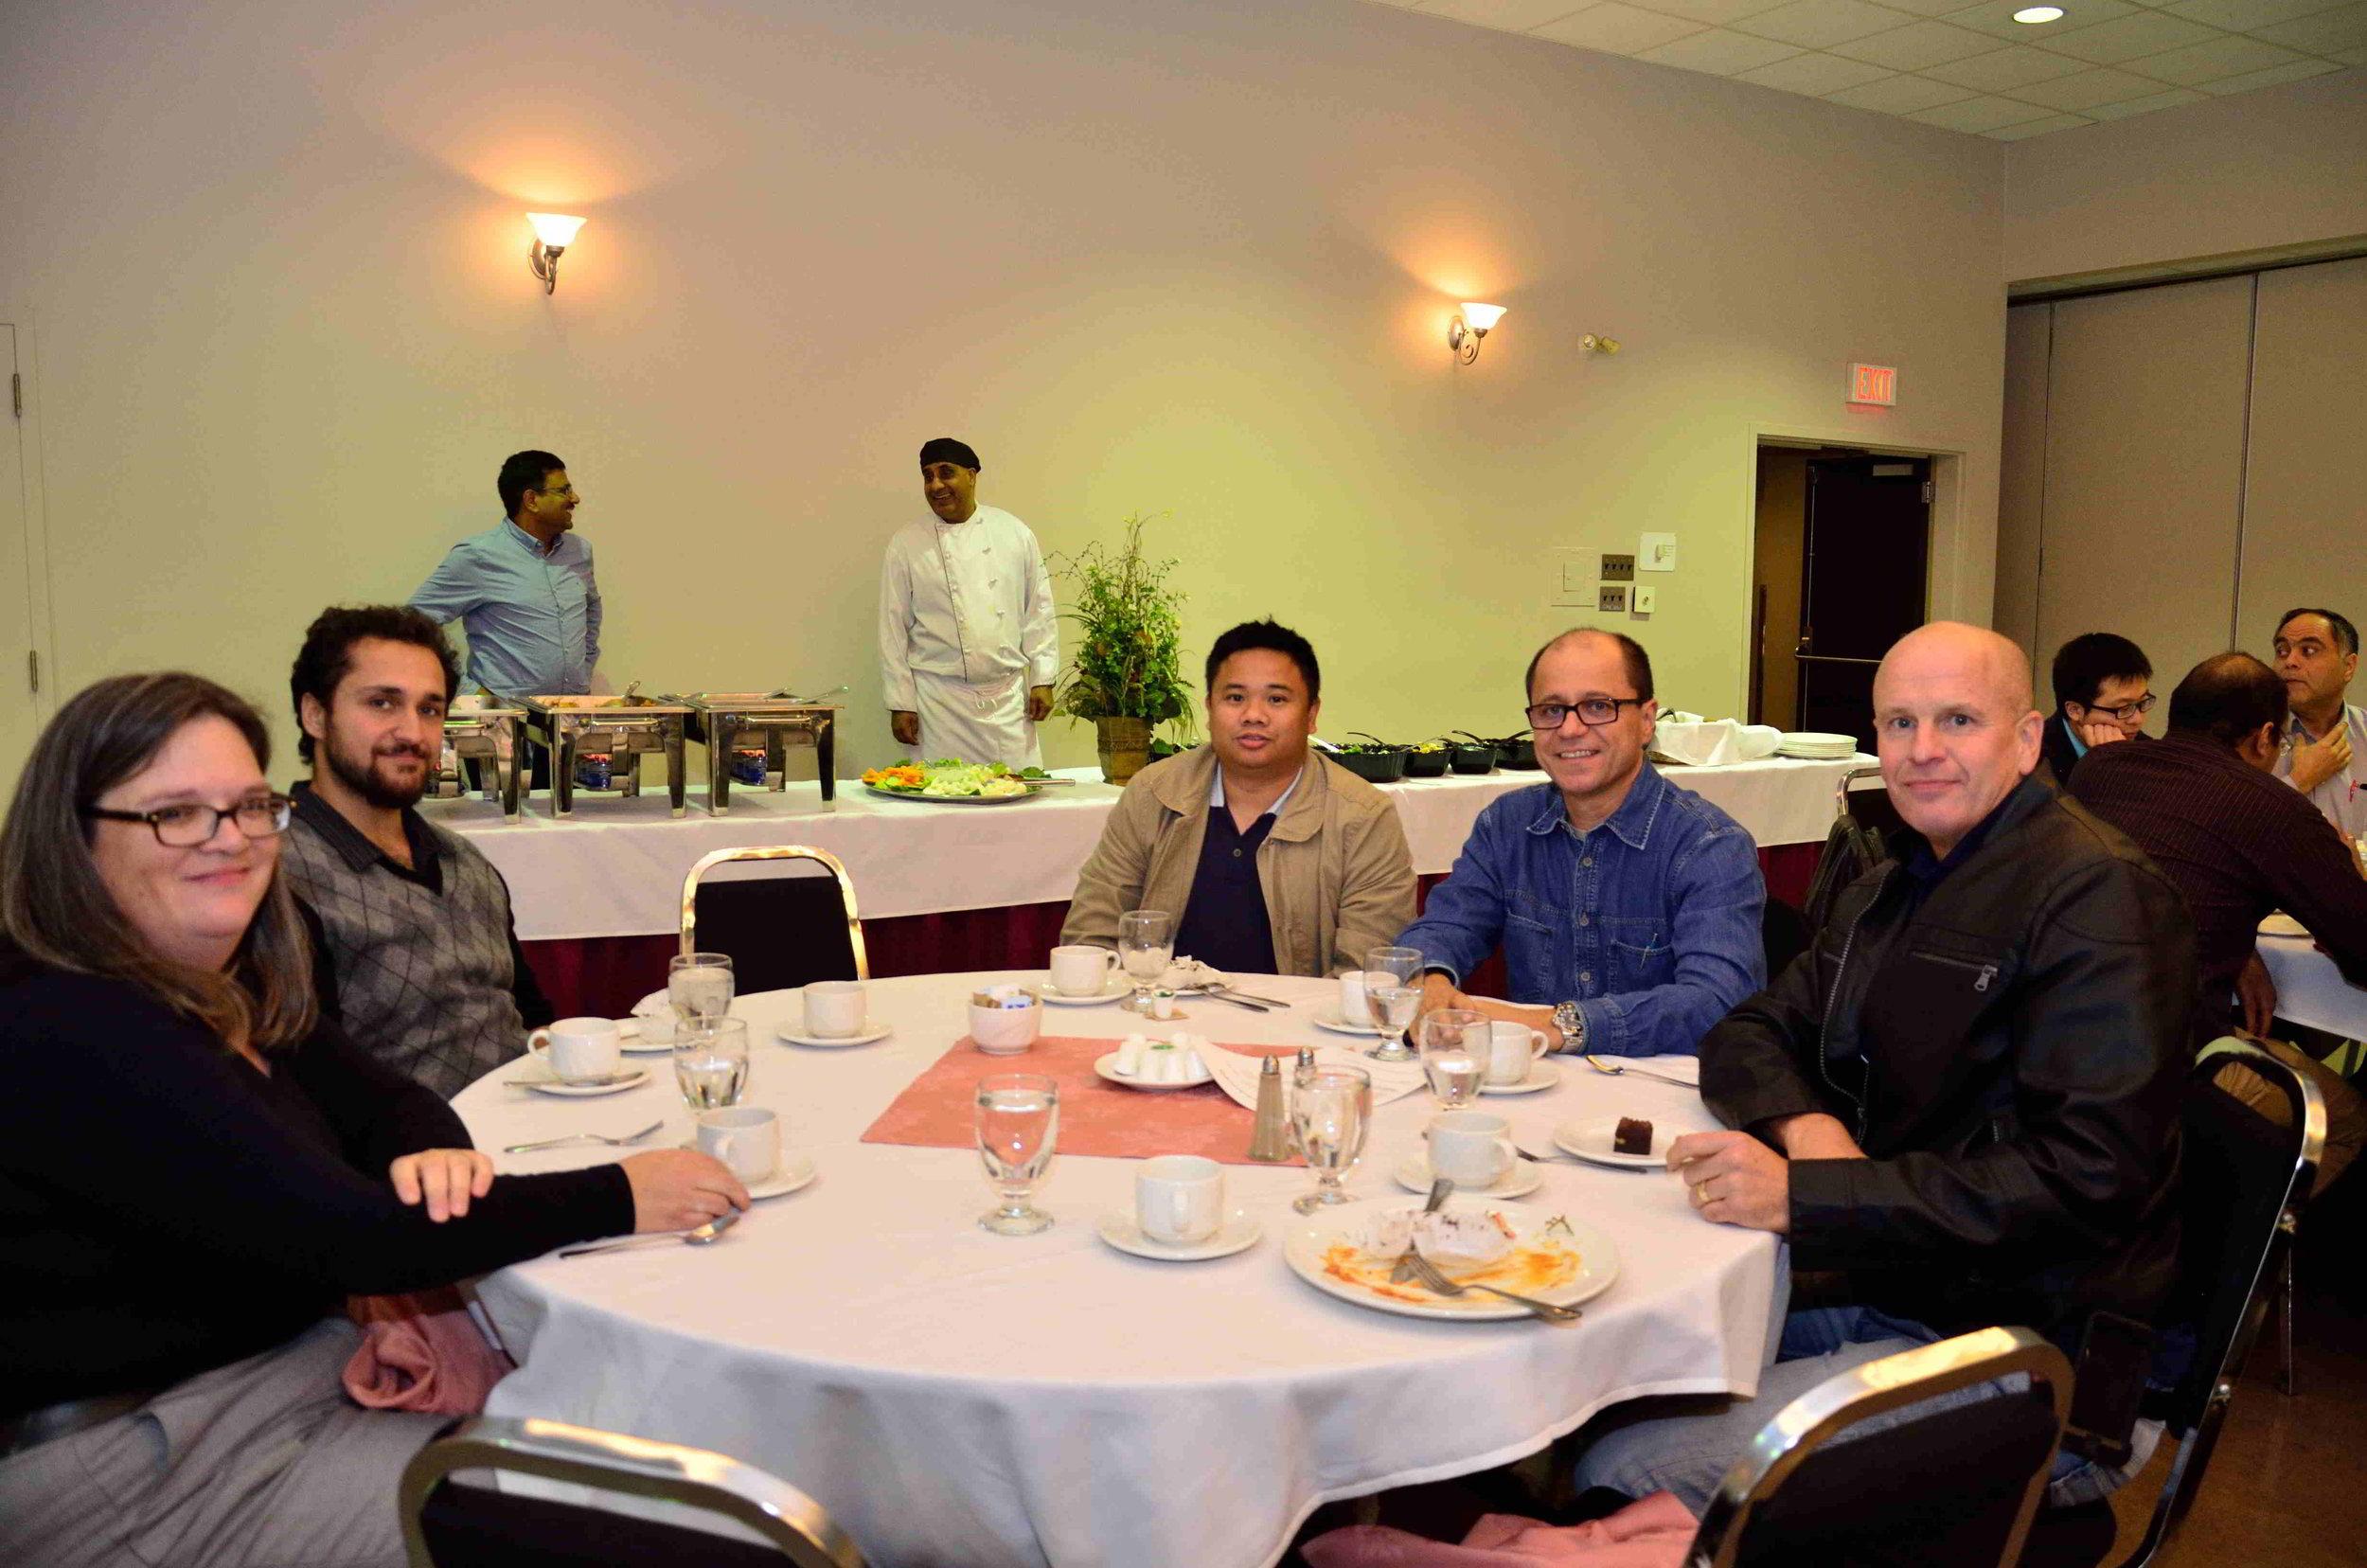 2015-09 September Dinner Meeting - Photo 6.jpg